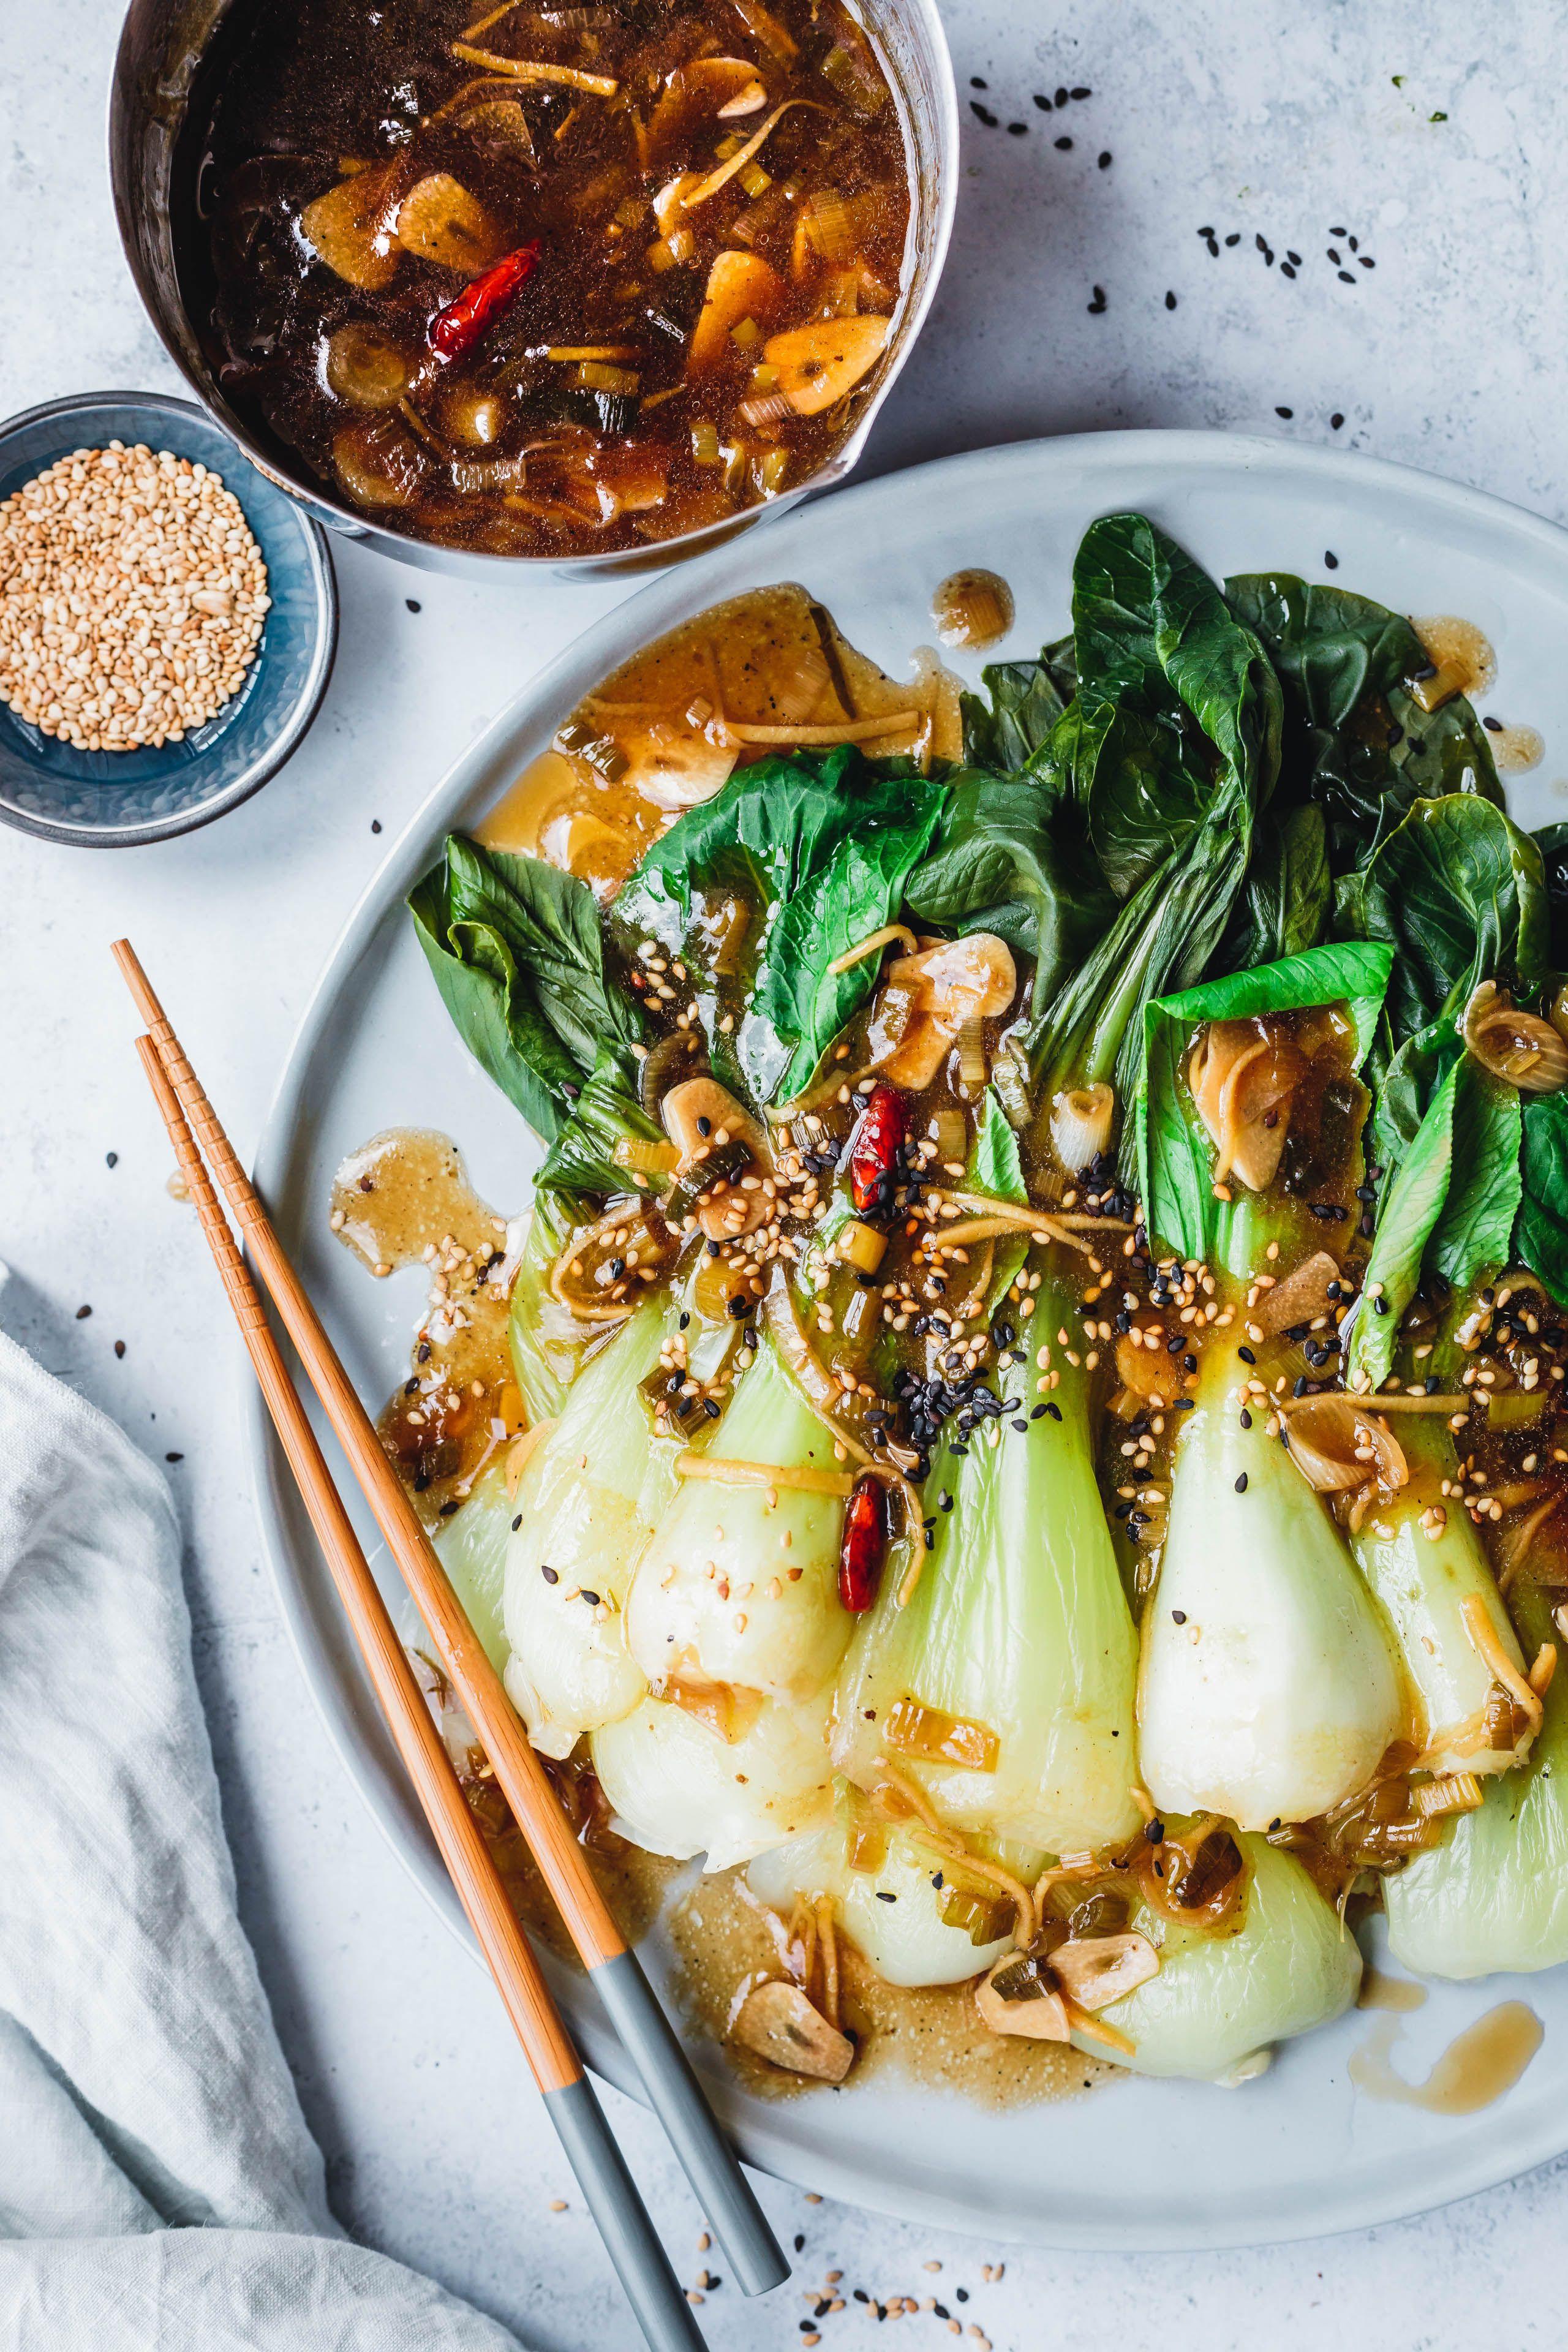 Gedämpfter Pak Choi mit Knoblauch-Ingwer-Sauce